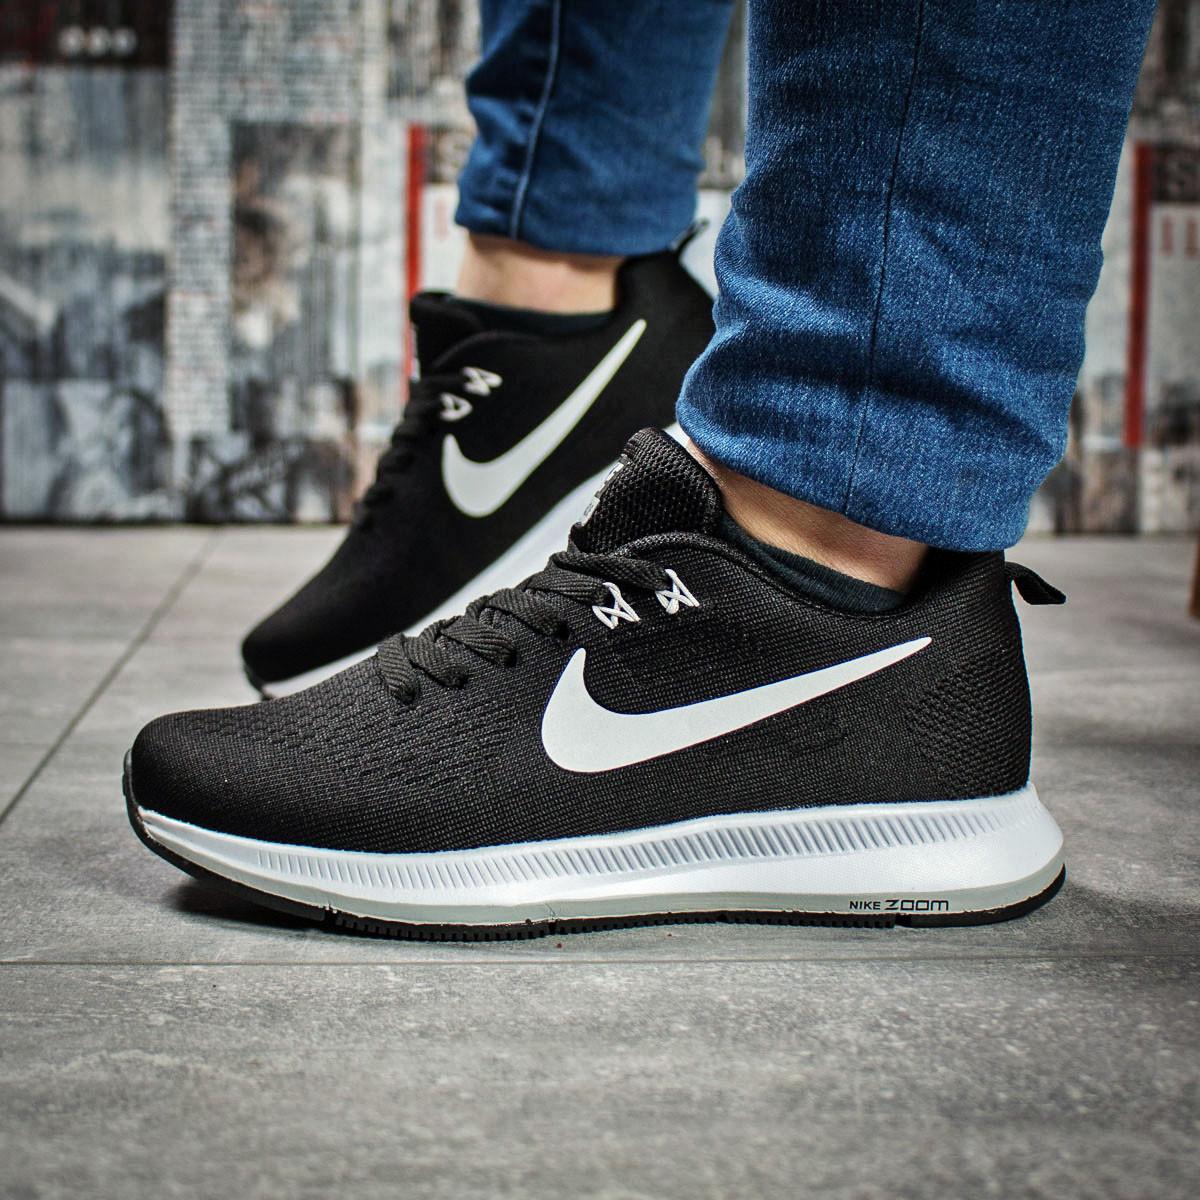 Кроссовки женские 16031, Nike Zoom Pegasus, черные, < 37 38 > р.37-23,0